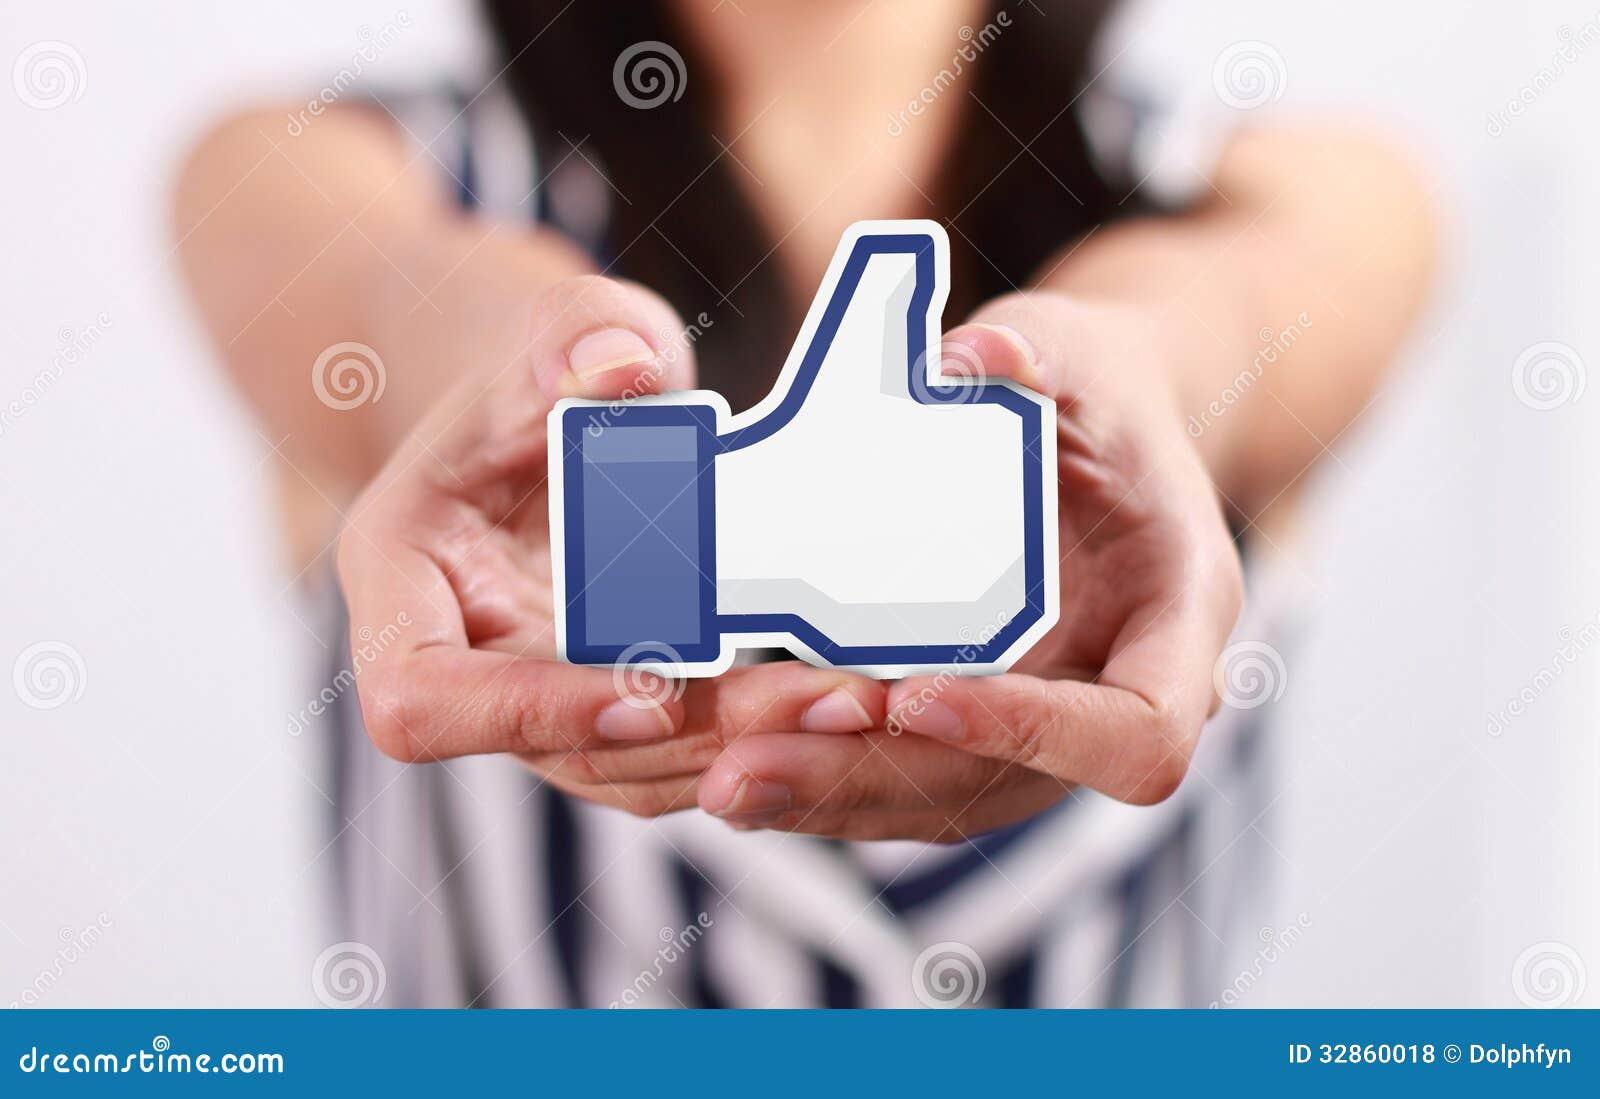 Facebook Jak guzik